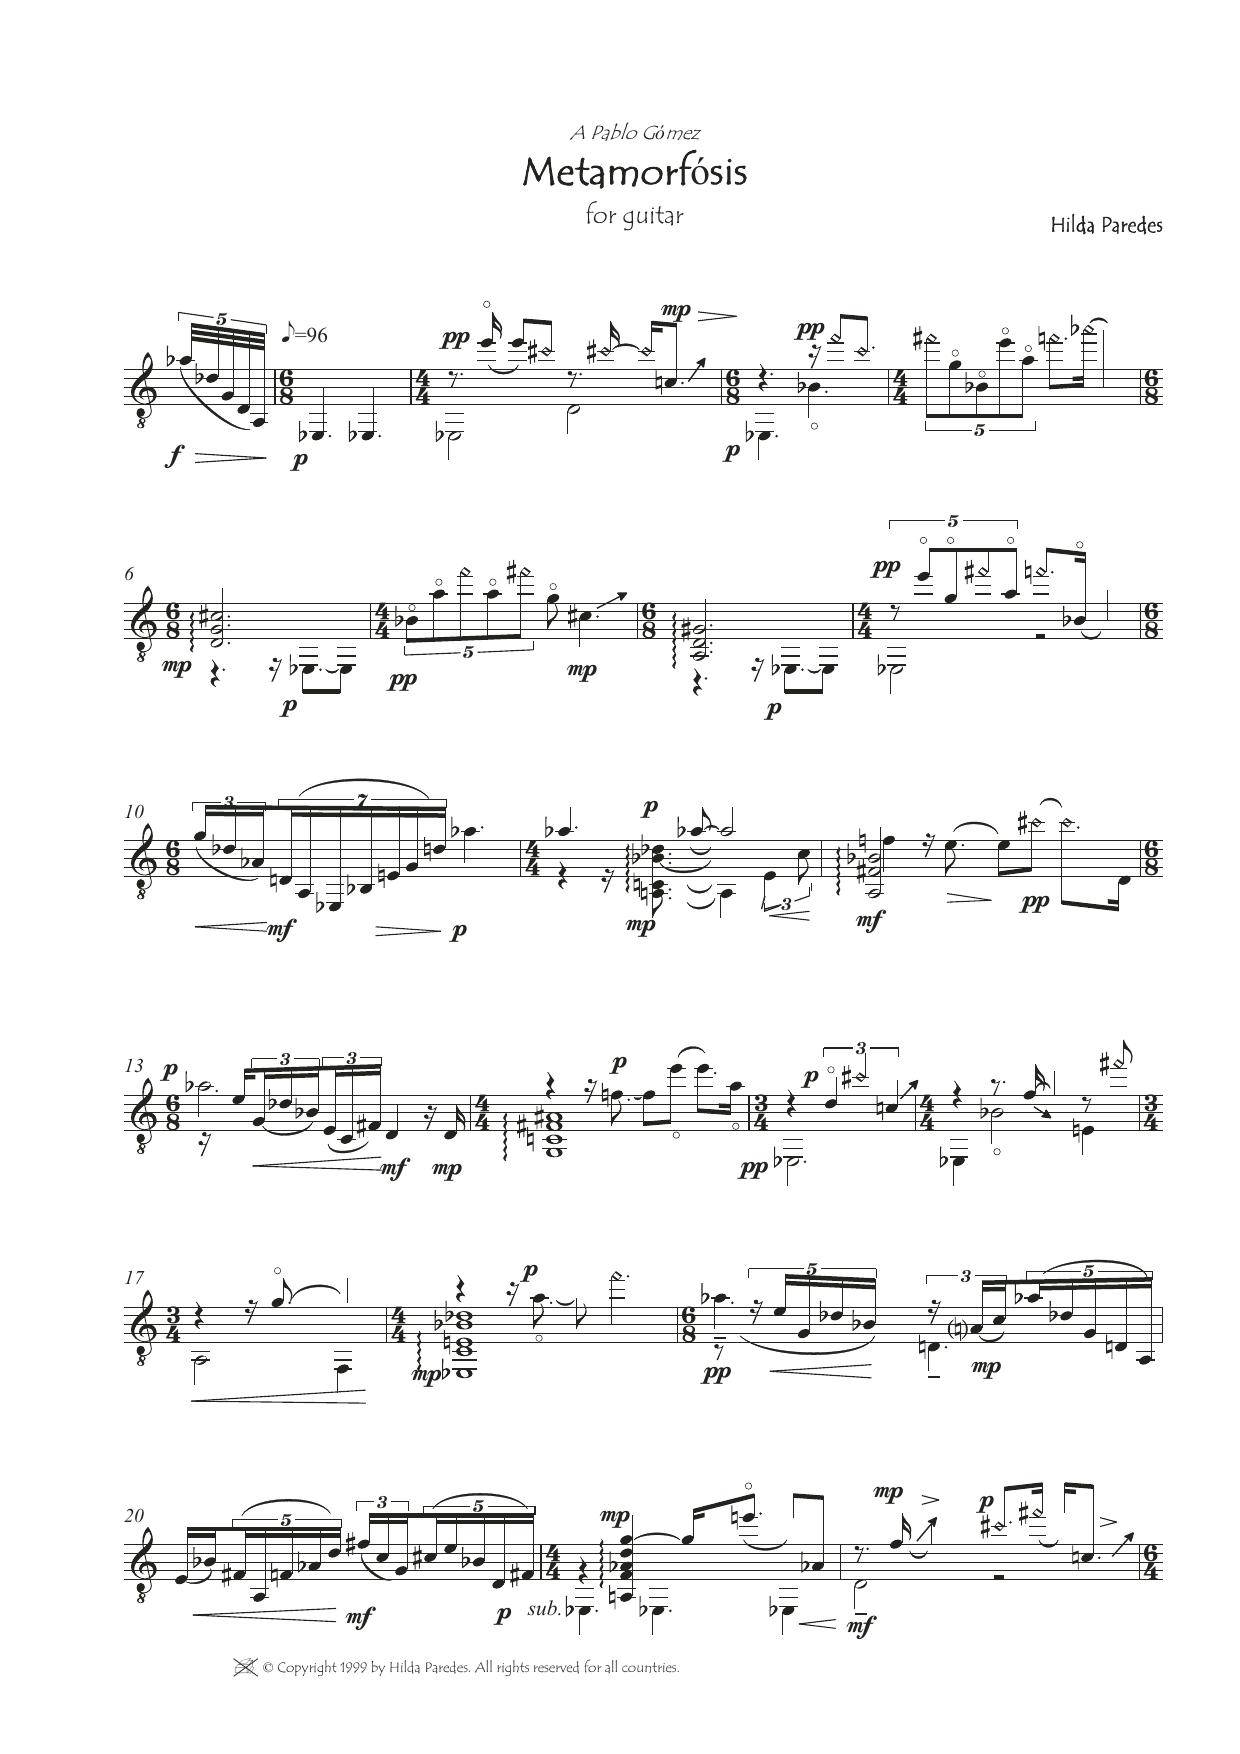 Metamorfosis Sheet Music